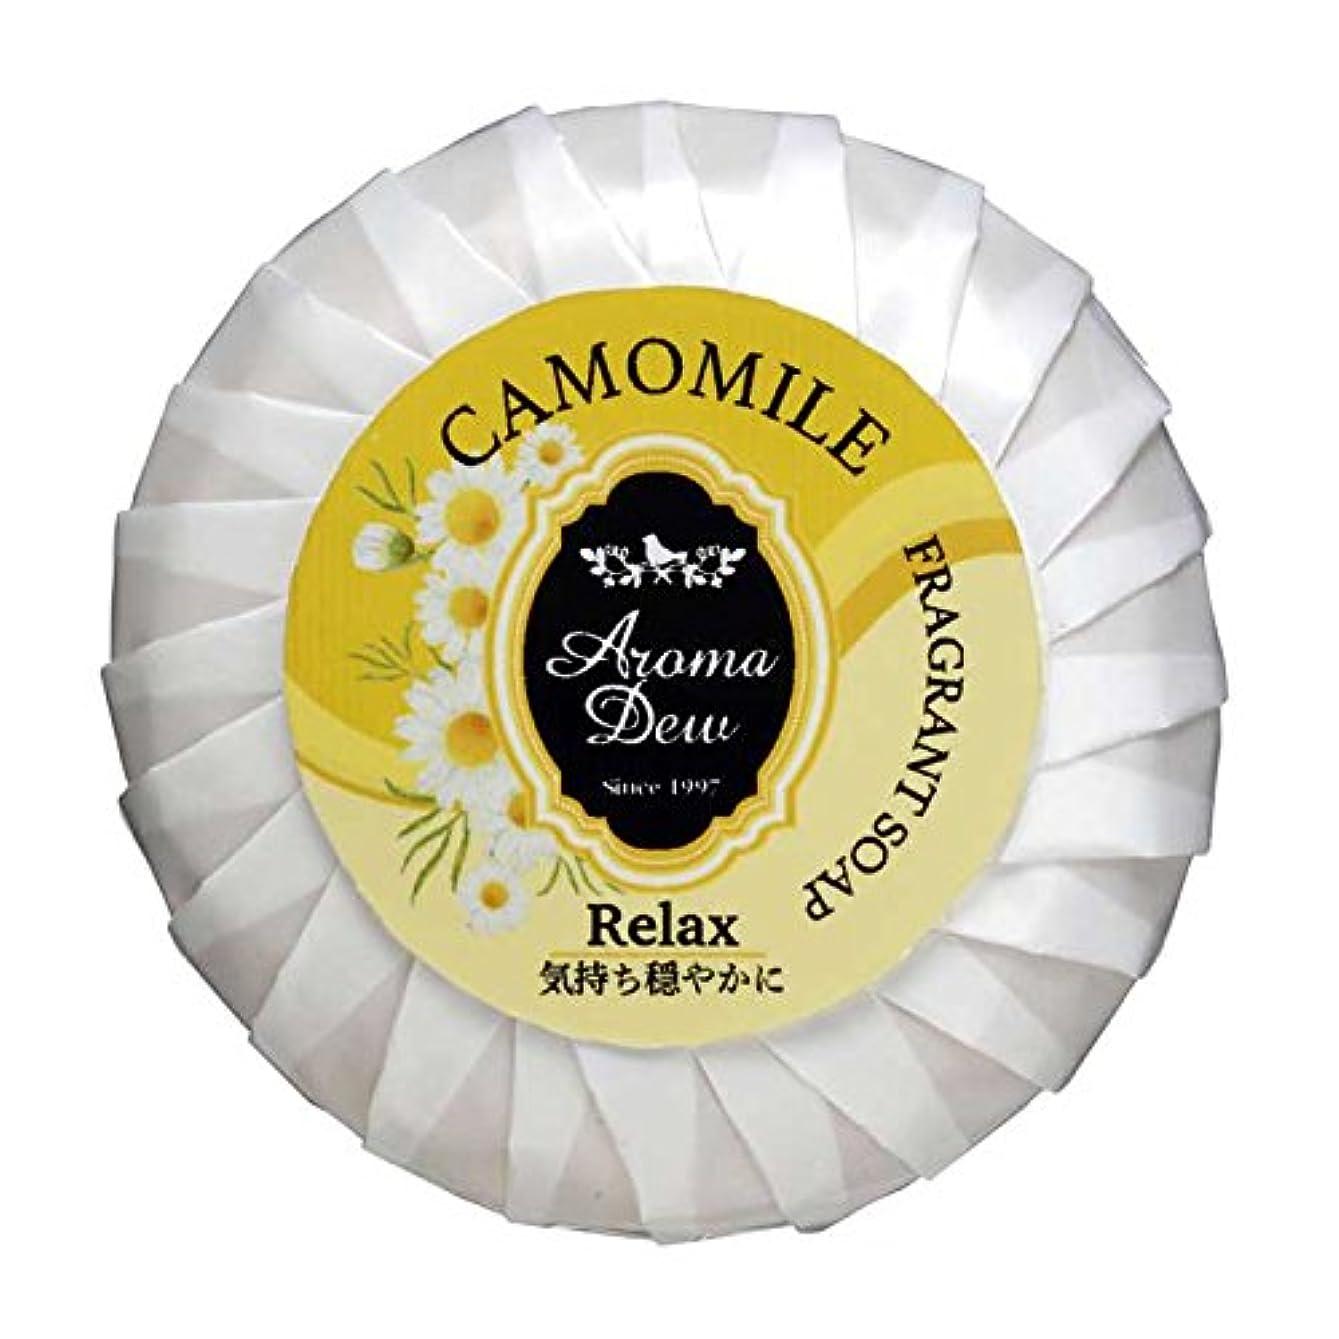 引退した後者慢なアロマデュウ フレグラントソープ カモミールの香り 100g